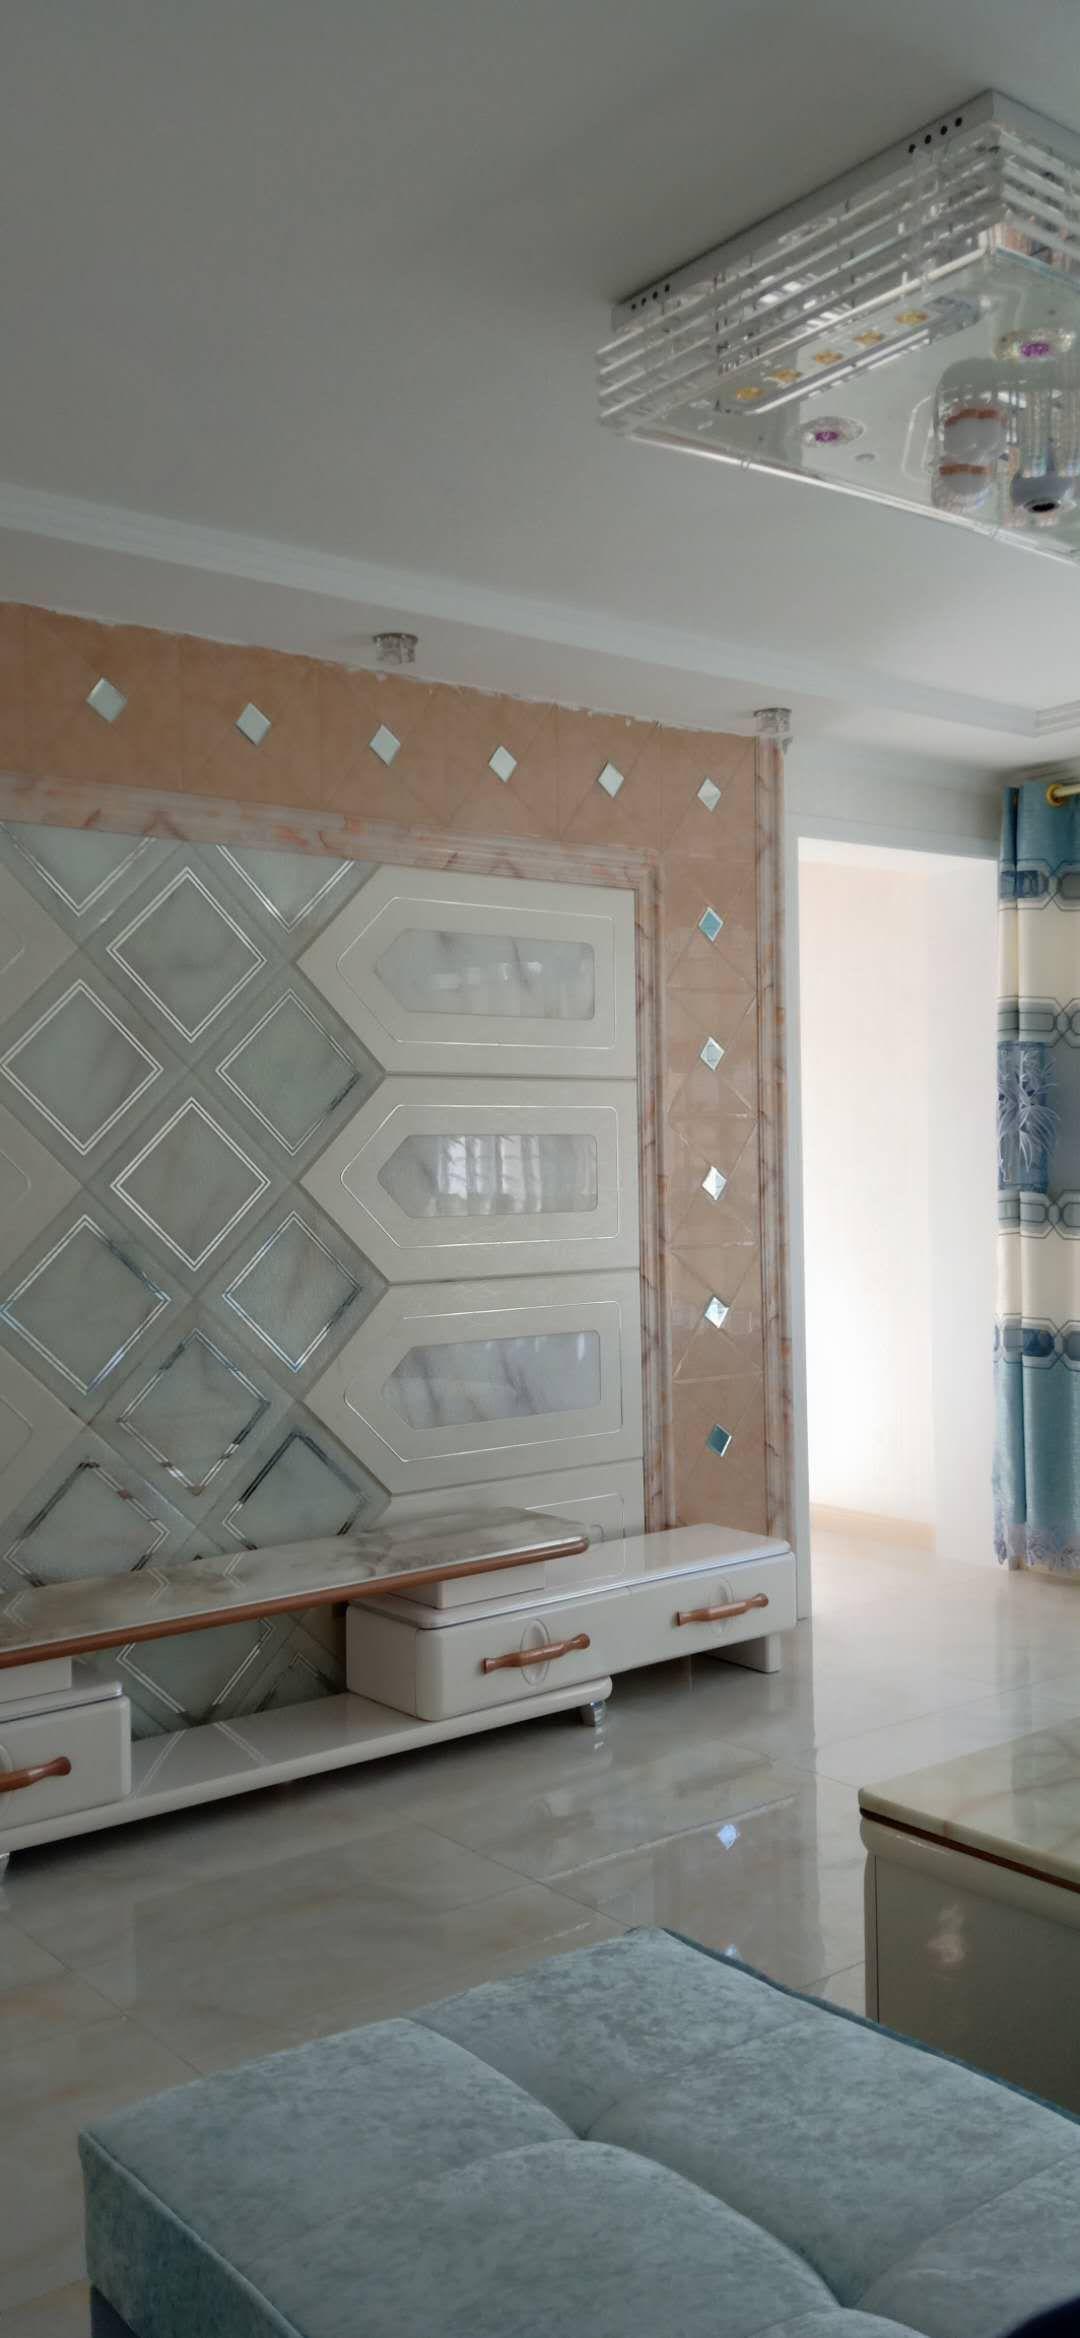 南园和谐小区120平新装修的地暖房带家具,地下室出